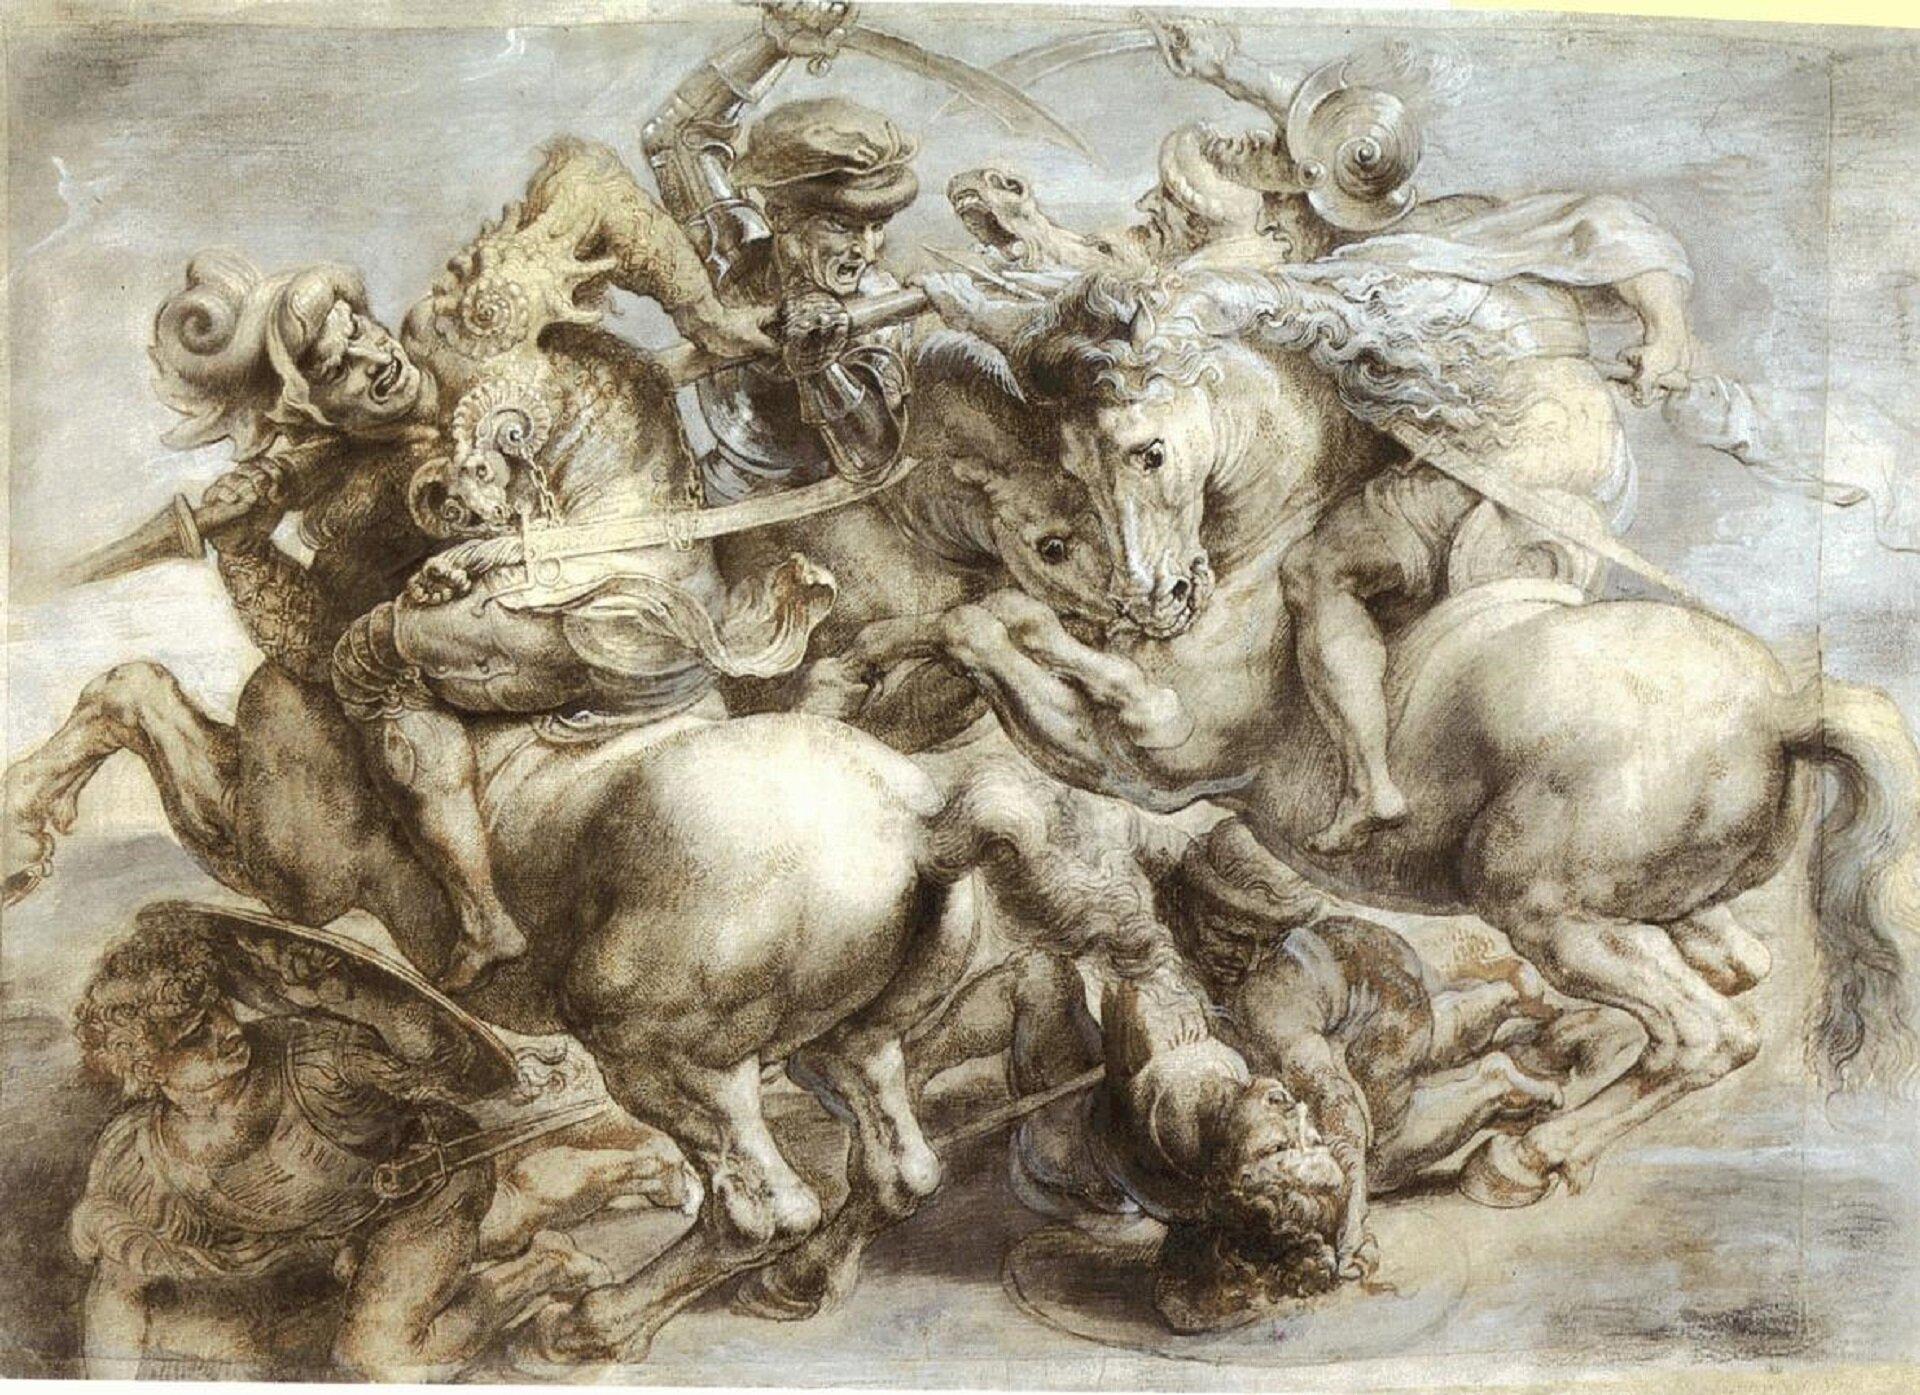 """Ilustracja przedstawia rysunek """"Bitwa pod Anghiari"""" autorstwa Petera Rubensa. Szkic wykonany na podstawie fresku Leonarda da Vinci ukazuje dynamiczną scenę batalistyczną, na której trzej splątani ze sobą jeźdźcy walczą ze sobą. Pod nimi kłębią się postacie pozostałych wojowników. Cała grupa ludzi ikoni zbita jest wjedną, splątaną masę. Bogato zdobione zbroje, powyginane ciała mężczyzn, powykrzywiane twarze, muskulatura ujętych jakby wwyskoku koni, wszystko to potęguje dynamikę sceny. Ołówkowy rysunek został wykonany na sepiowym podkładzie. Artysta przy pomocy białej kredki podkreślił oświetlone partie sceny oraz tła."""